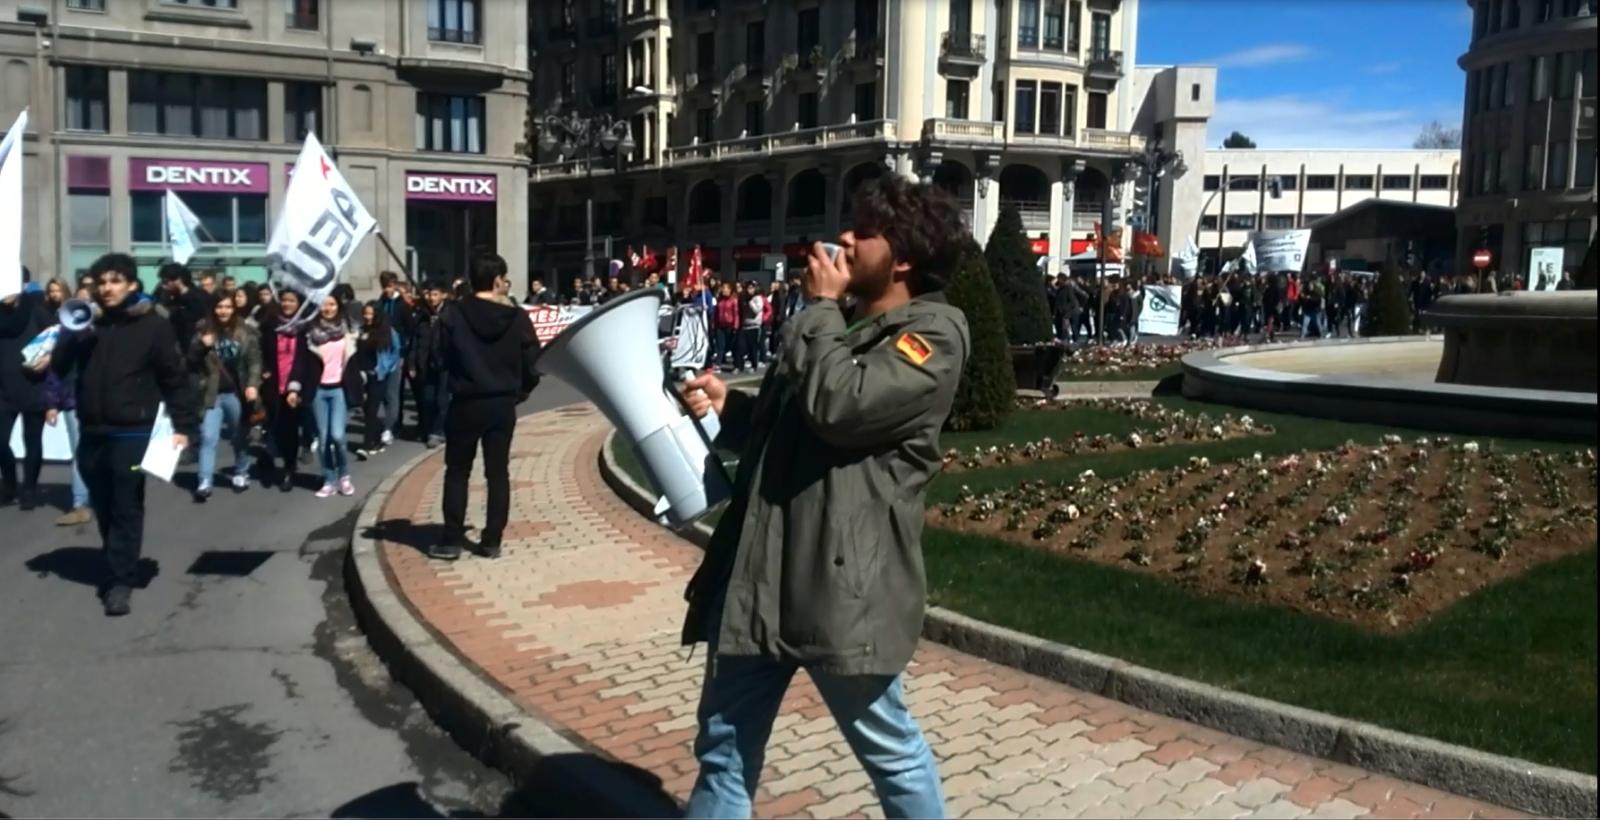 Banderas en las manifestaciones. 110lpjq